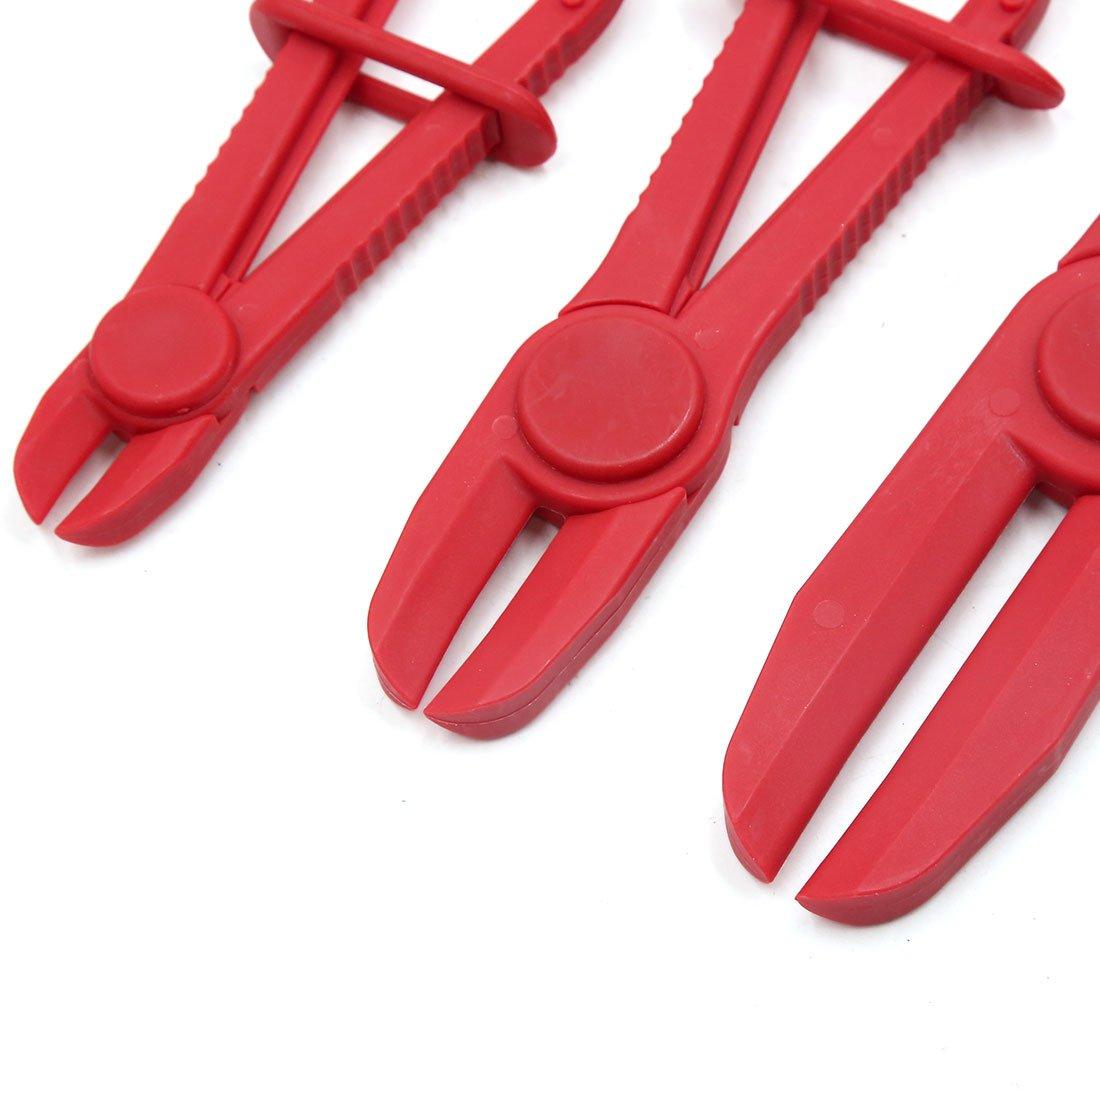 Plastik Flexible Bremse Brennstoff Wasserlinie Schlauch Klemmen Zange rot DE de sourcingmap/® 3Stk